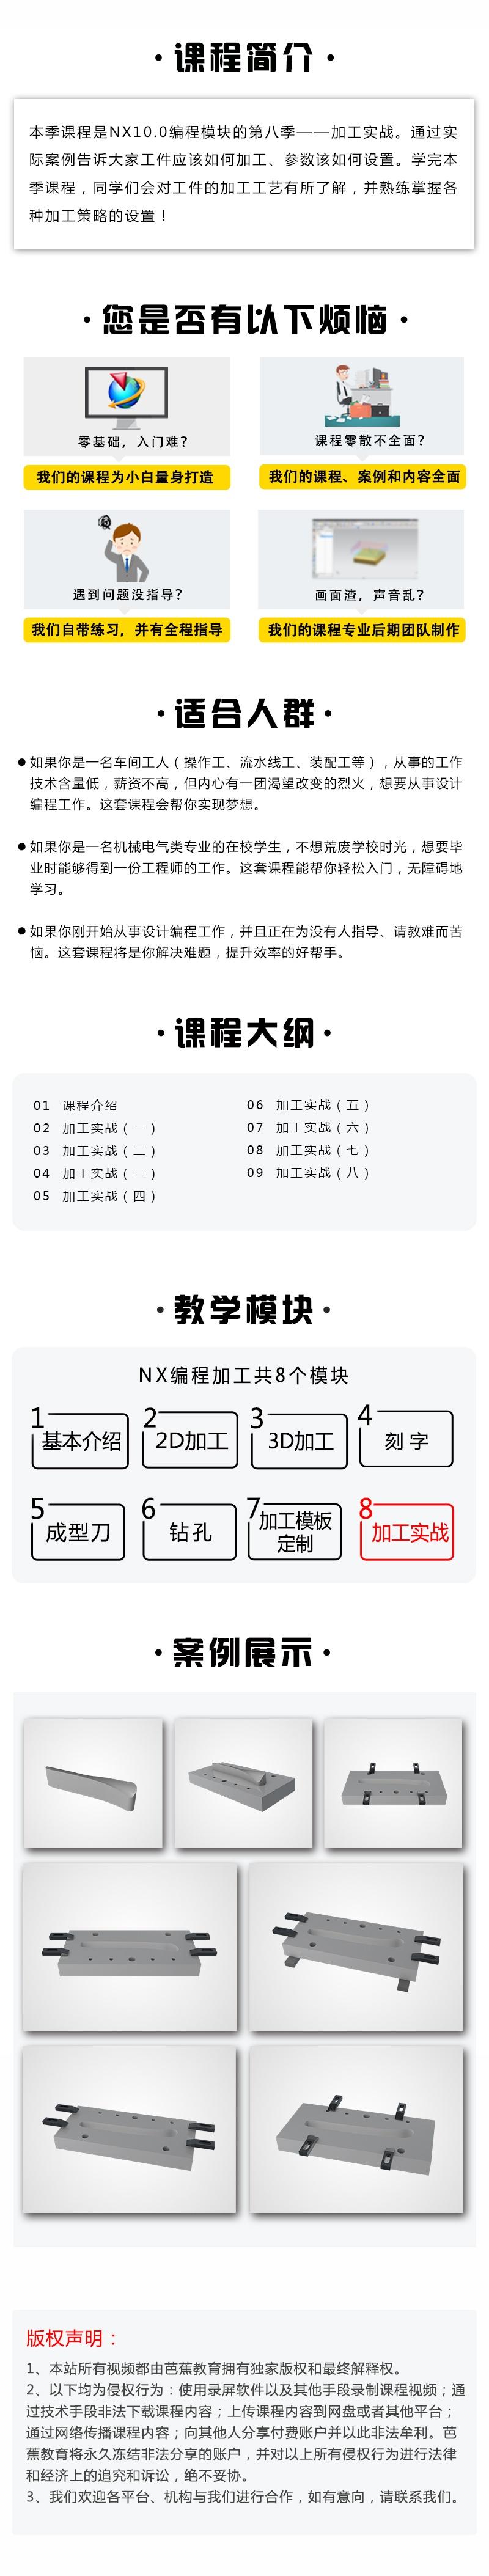 芭蕉第8季课程介绍.jpg